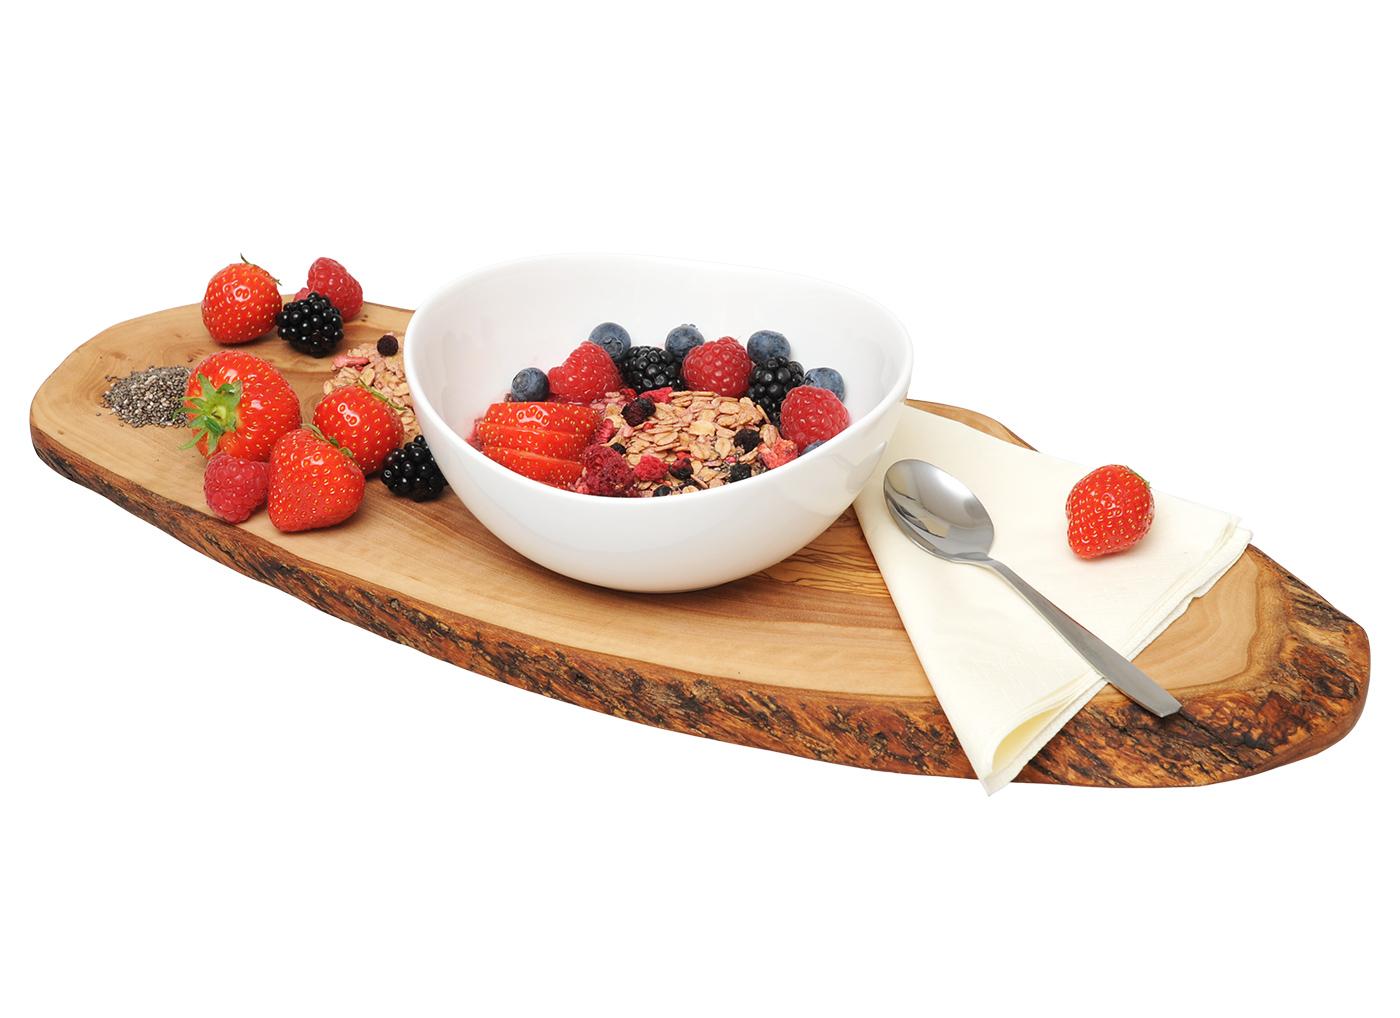 2x Vegan Bio Smoothie Bowl - Rezept & Zutaten-Set - Berry-Mix